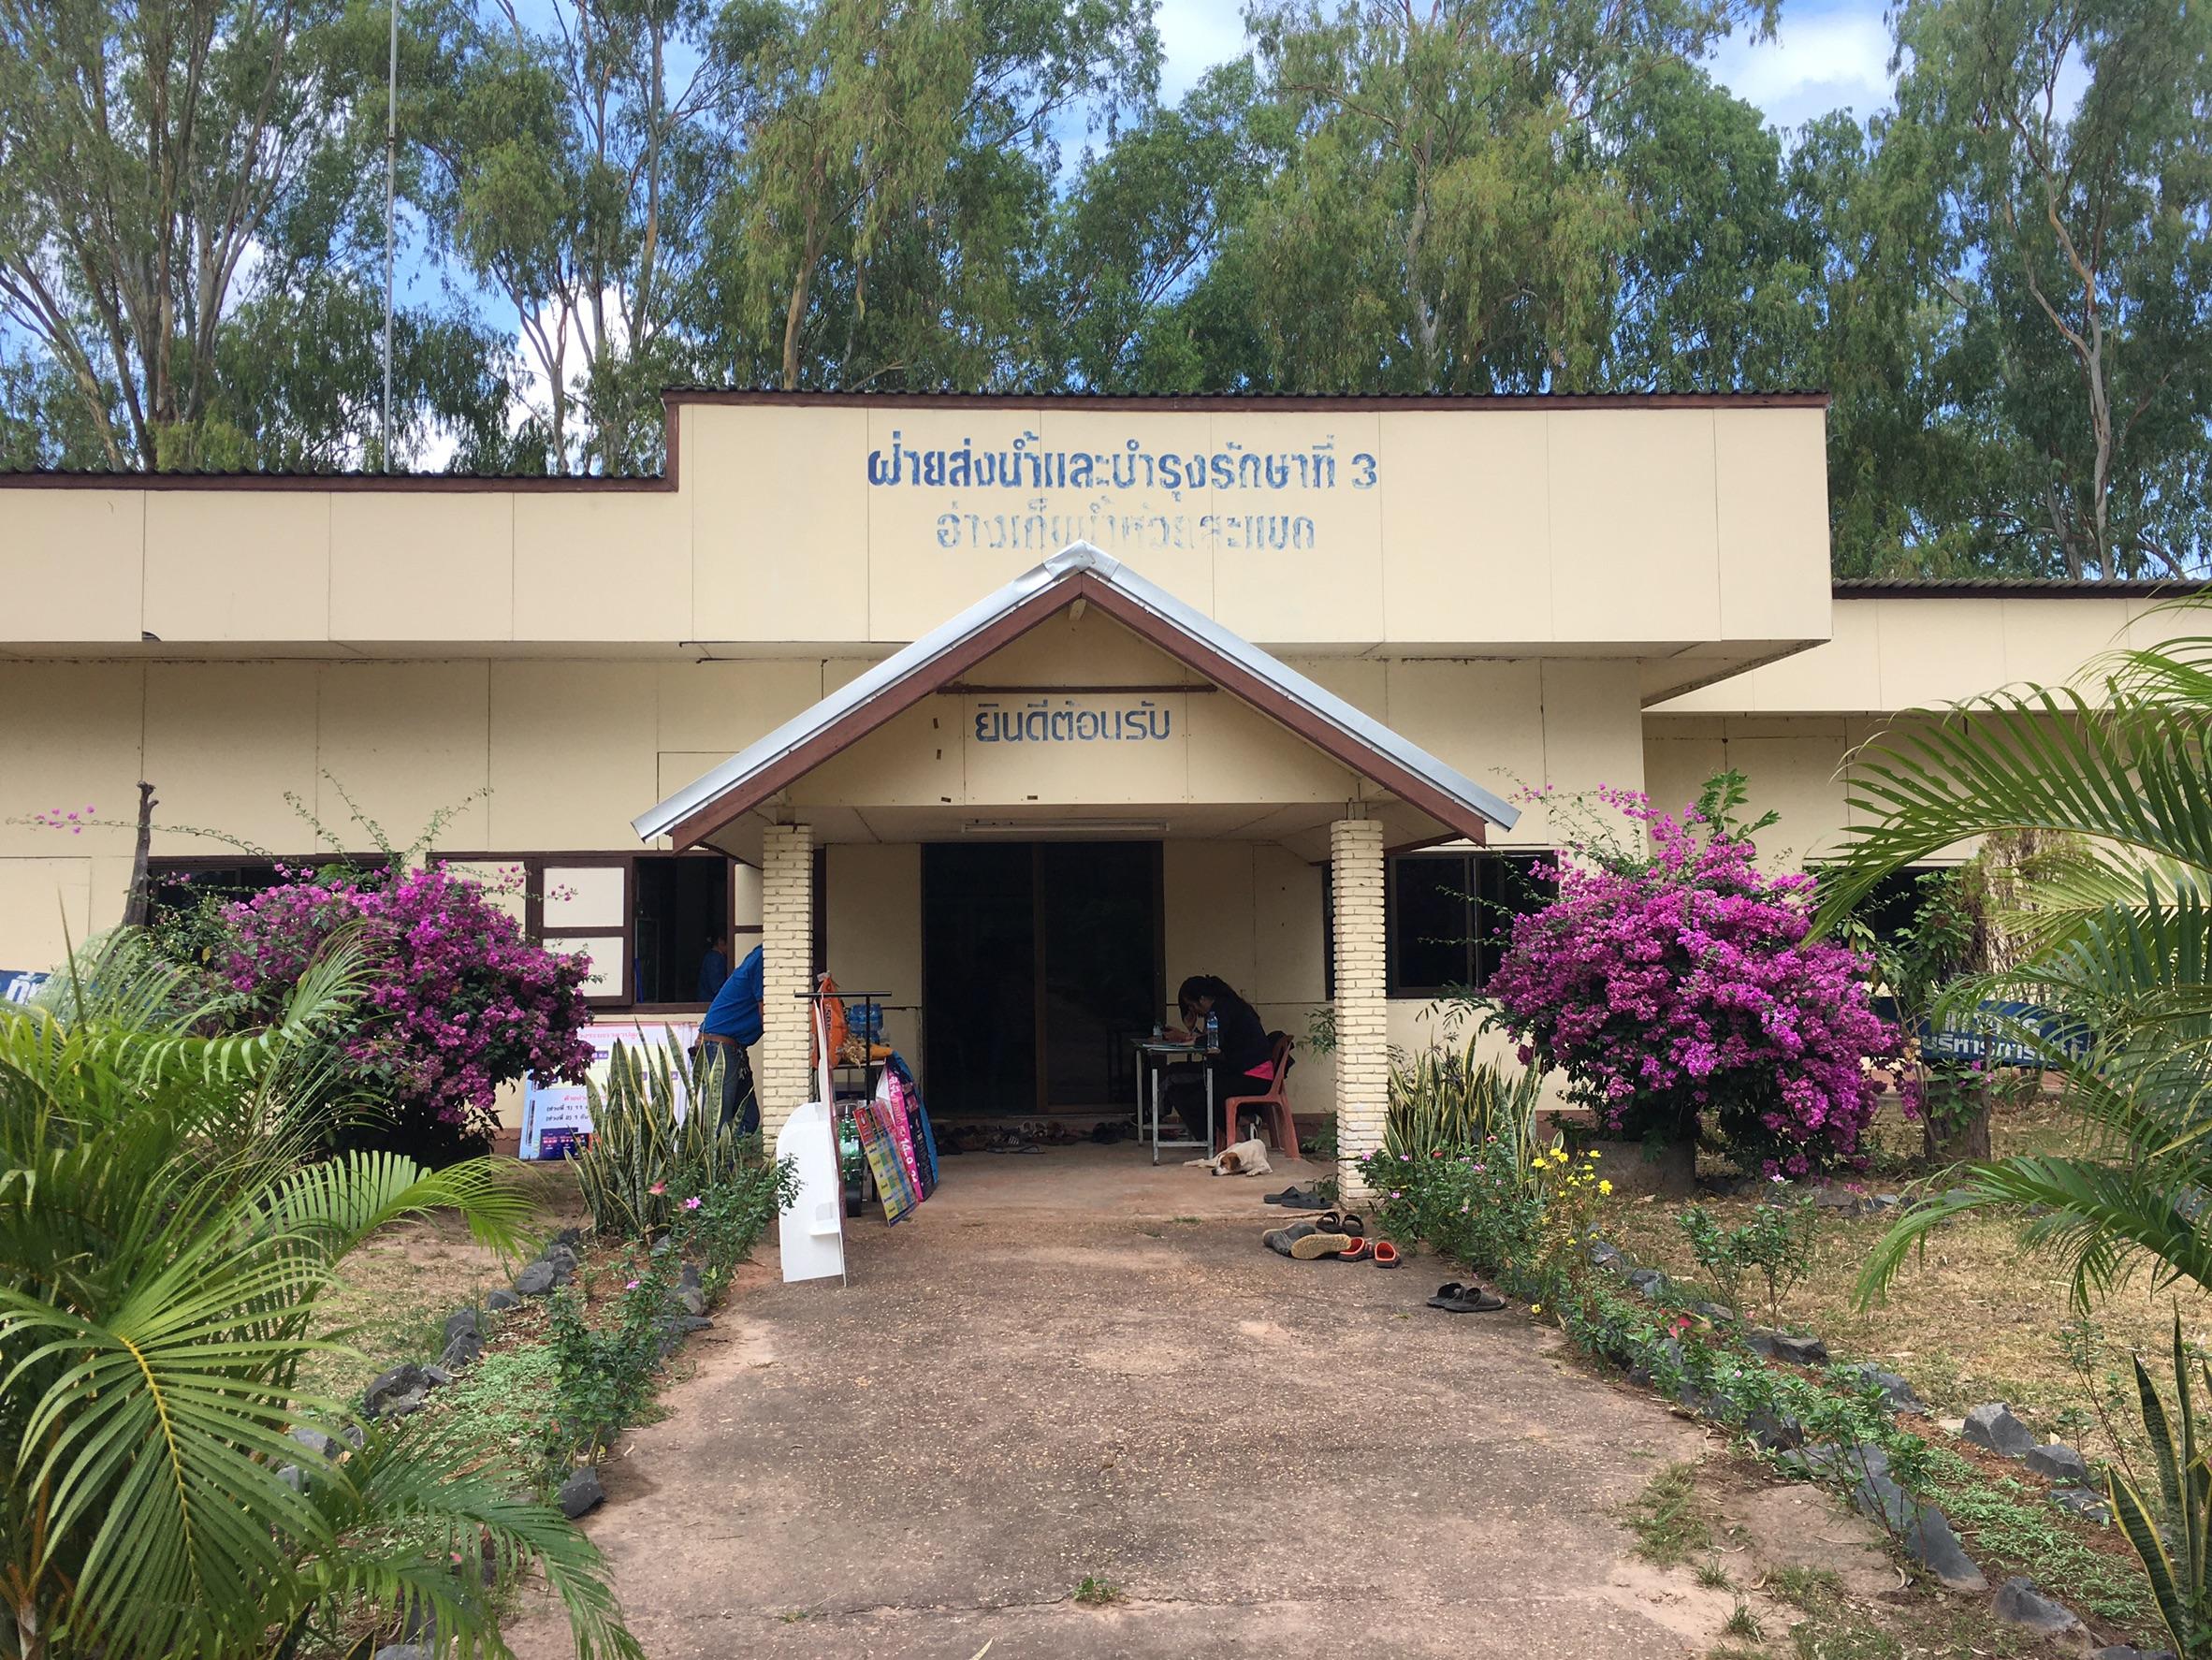 ไฟล์แนบ กปภ.สาขาเลิงนกทา ร่วมประชุมคณะกรรมการจัดการน้ำชลประทานอ่างเก็บน้ำห้วยสะแบก (JMC) เพื่อการบริหารจัดการน้ำประปาอย่างรู้คุณค่า